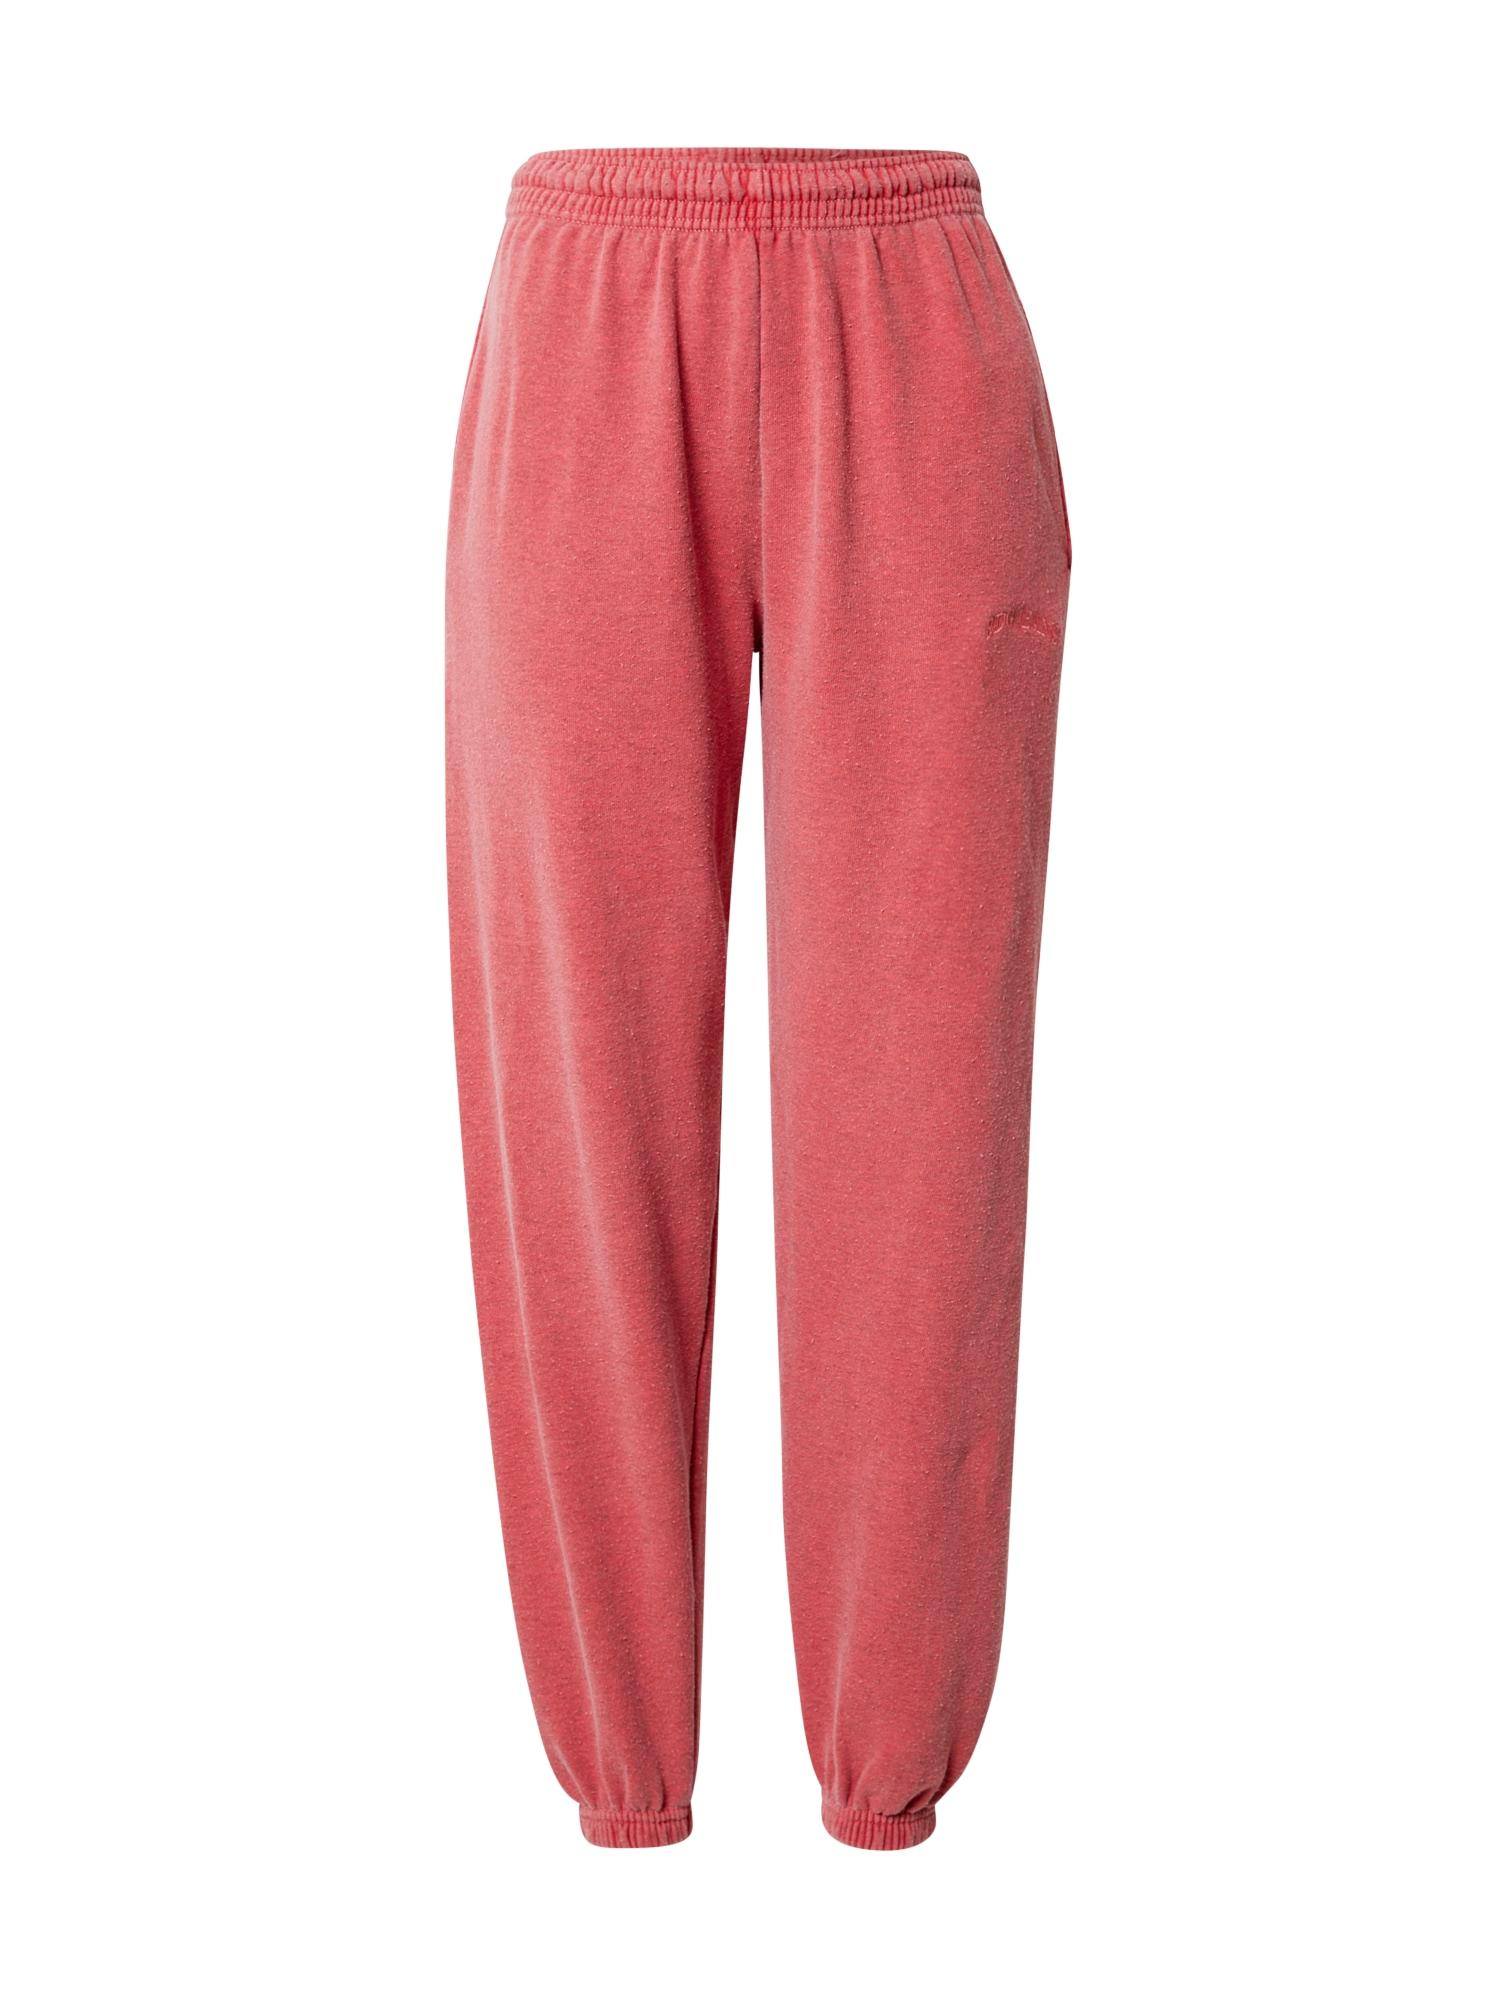 BDG Urban Outfitters Kelnės šviesiai raudona